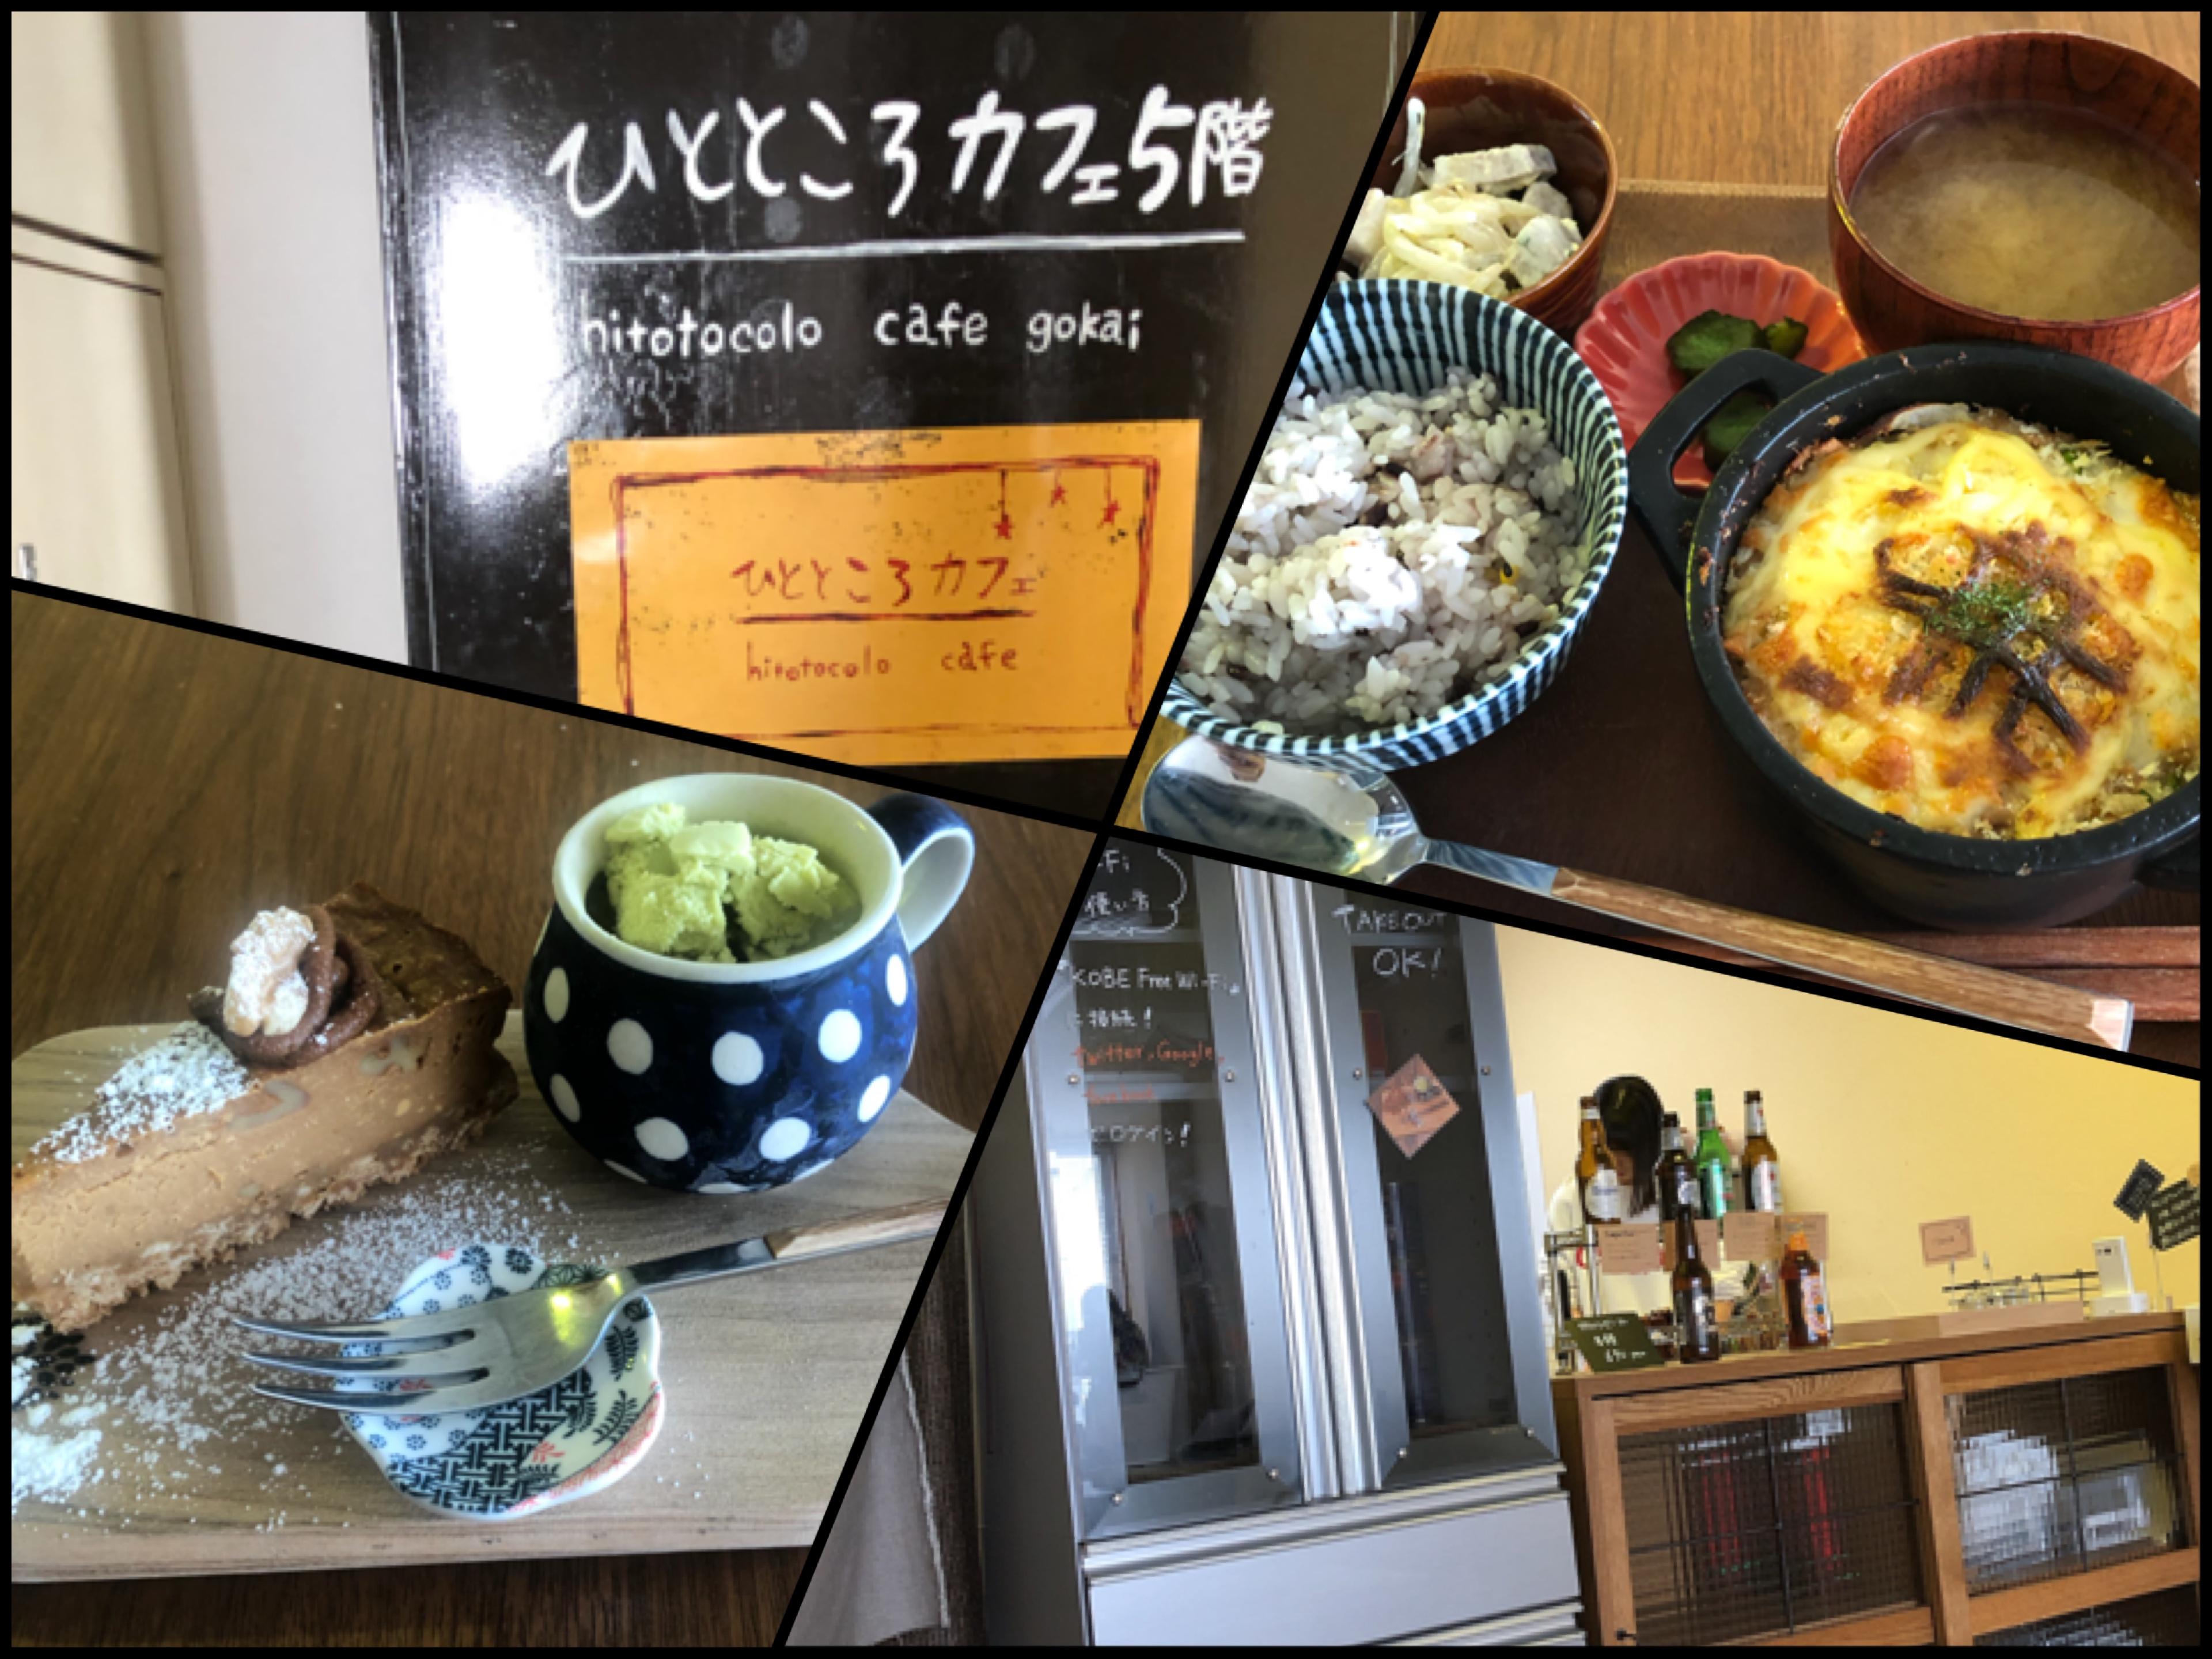 友達の家に来たようなほっこり隠れ家~ひとところカフェ 5階元町駅前2号店~